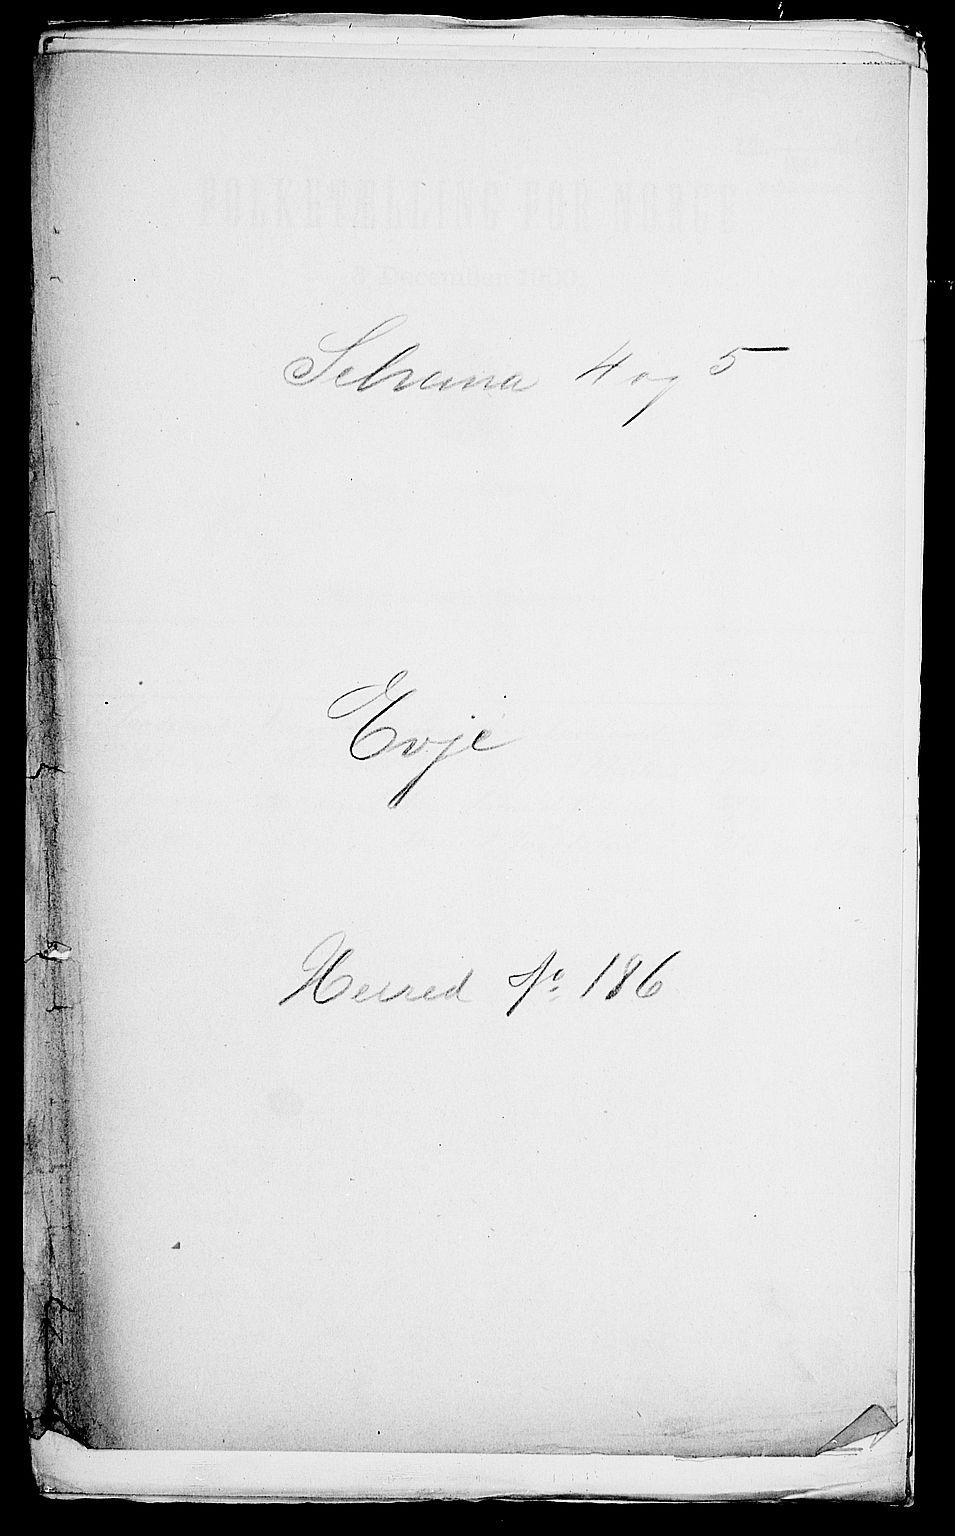 SAK, Folketelling 1900 for 0937 Evje herred, 1900, s. 1